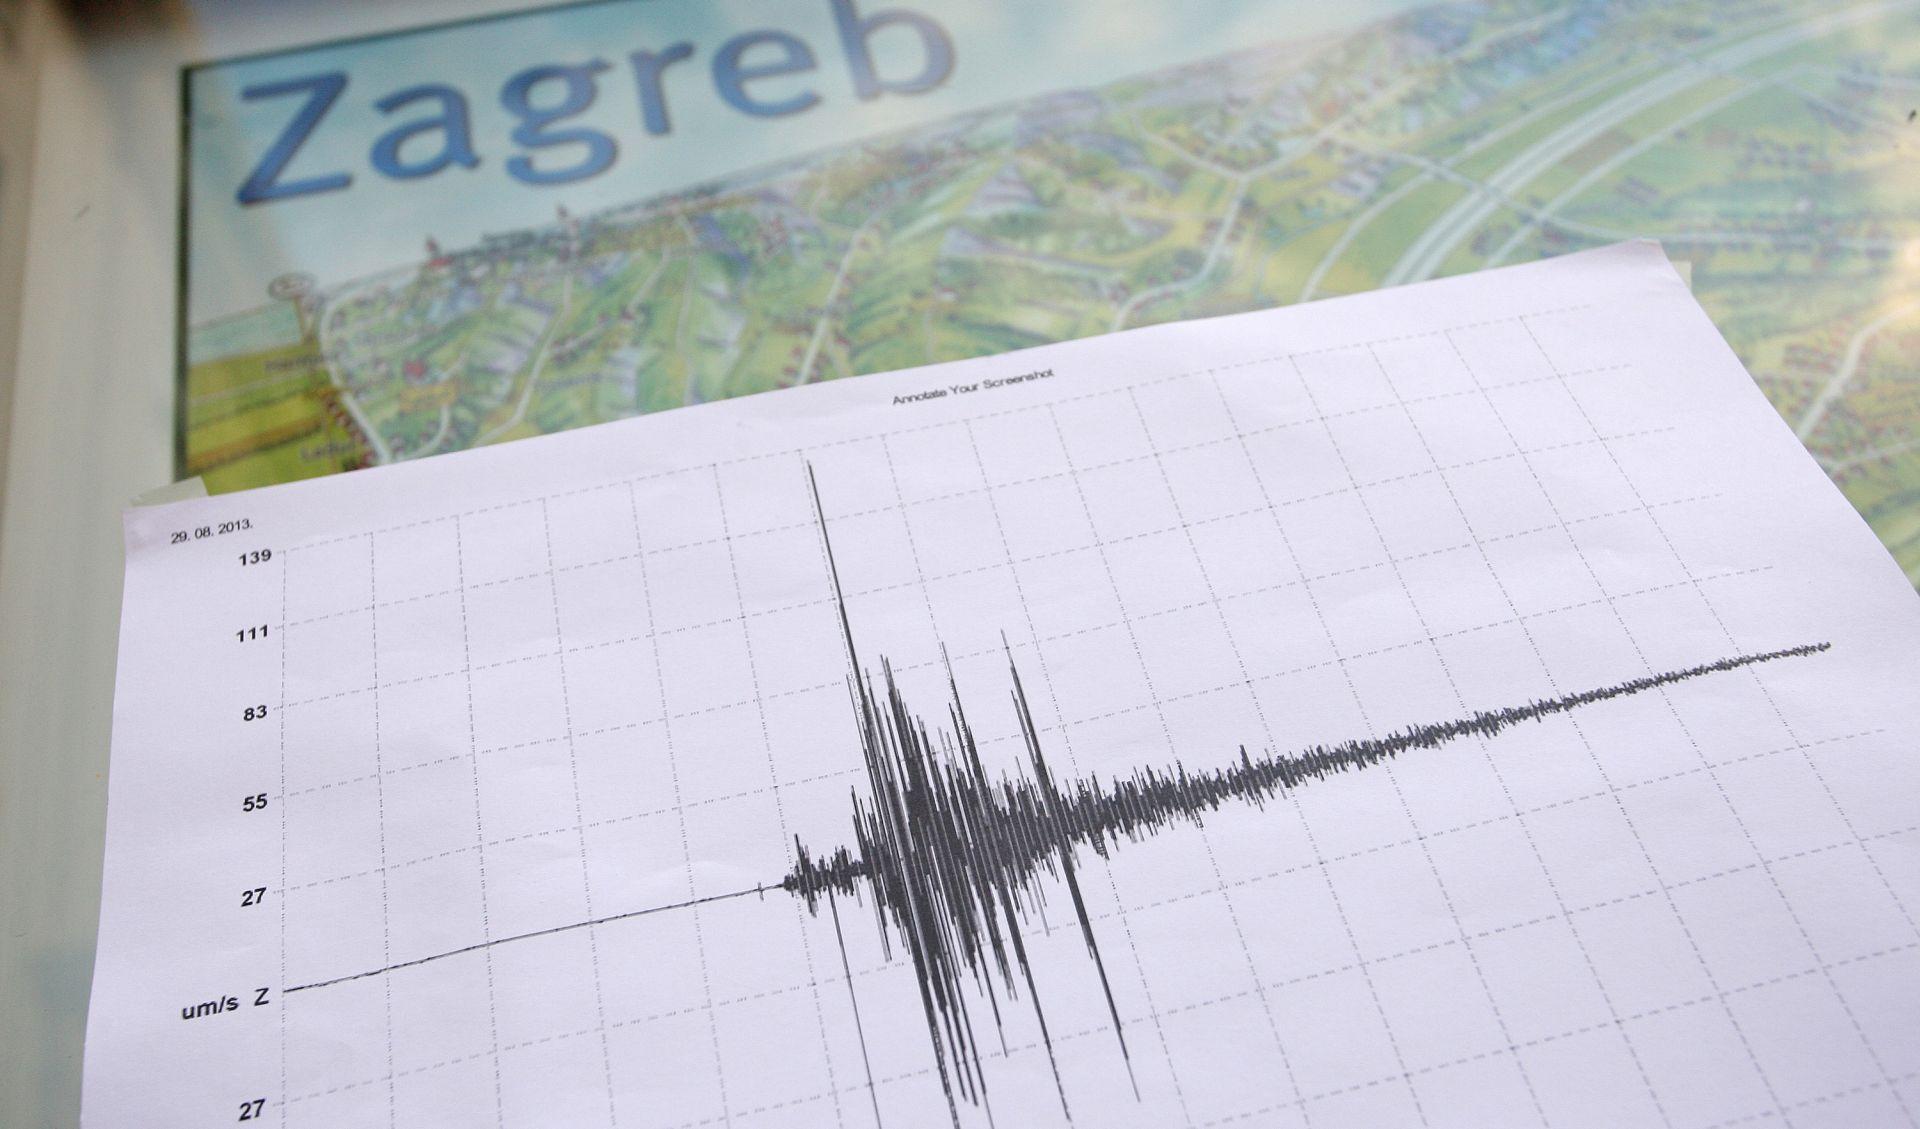 DVIJE MINUTE DO PONOĆI Na Sljemenu zabilježen slab potres